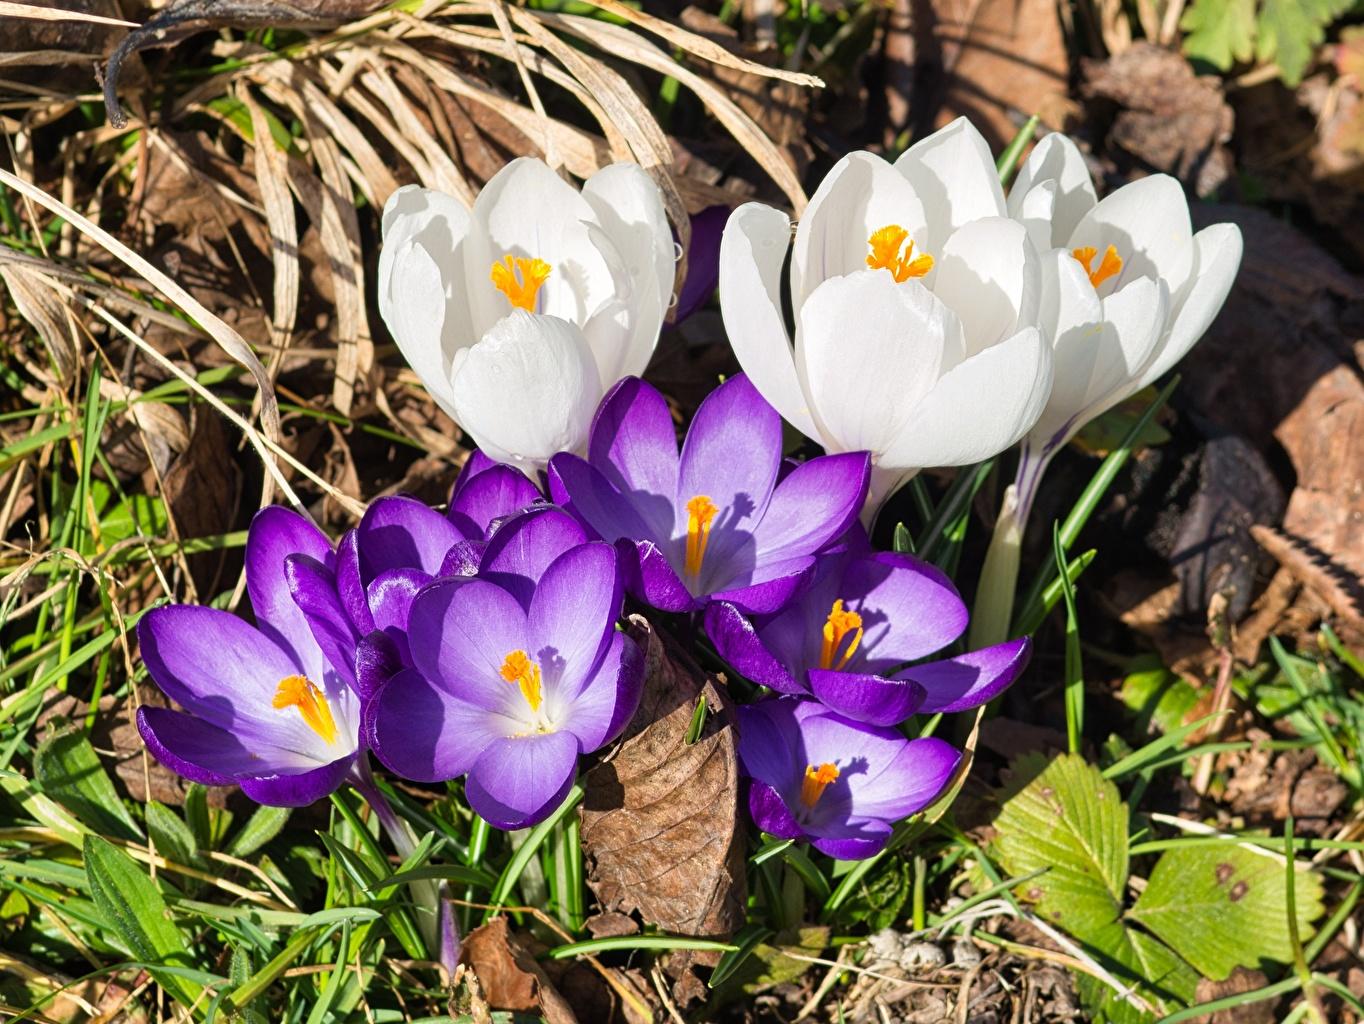 Фото белая Фиолетовый Цветы Шафран Крупным планом Белый белые белых фиолетовая фиолетовые фиолетовых цветок Крокусы вблизи